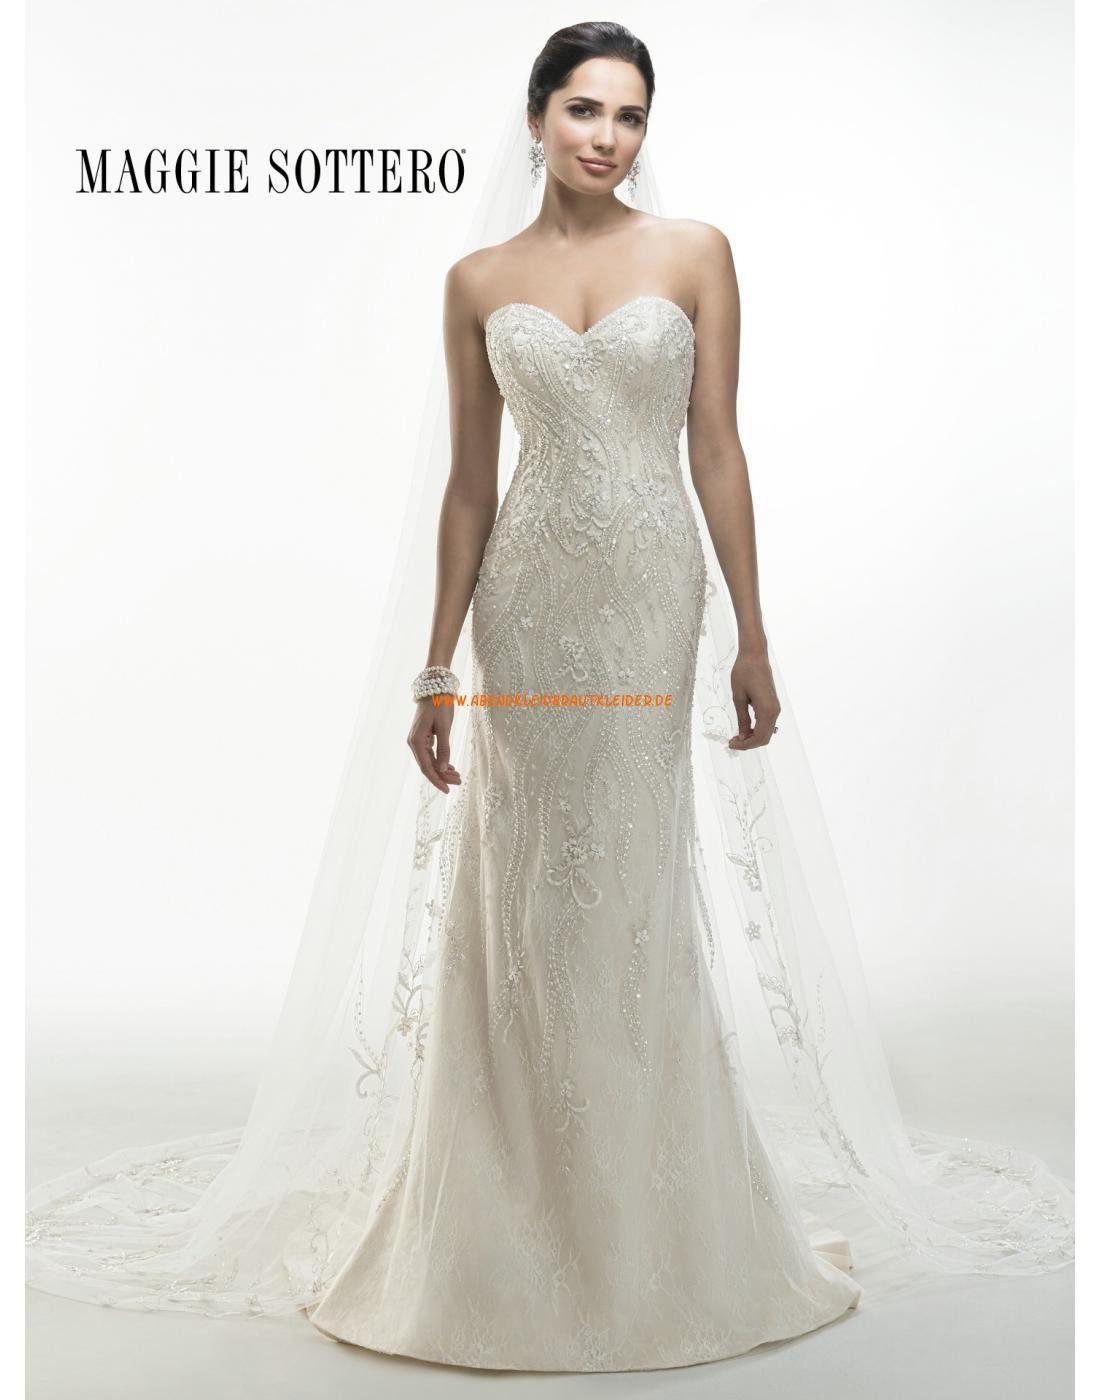 Maggie Sottero A-linie Elegante Schicke Brautkeider aus ...